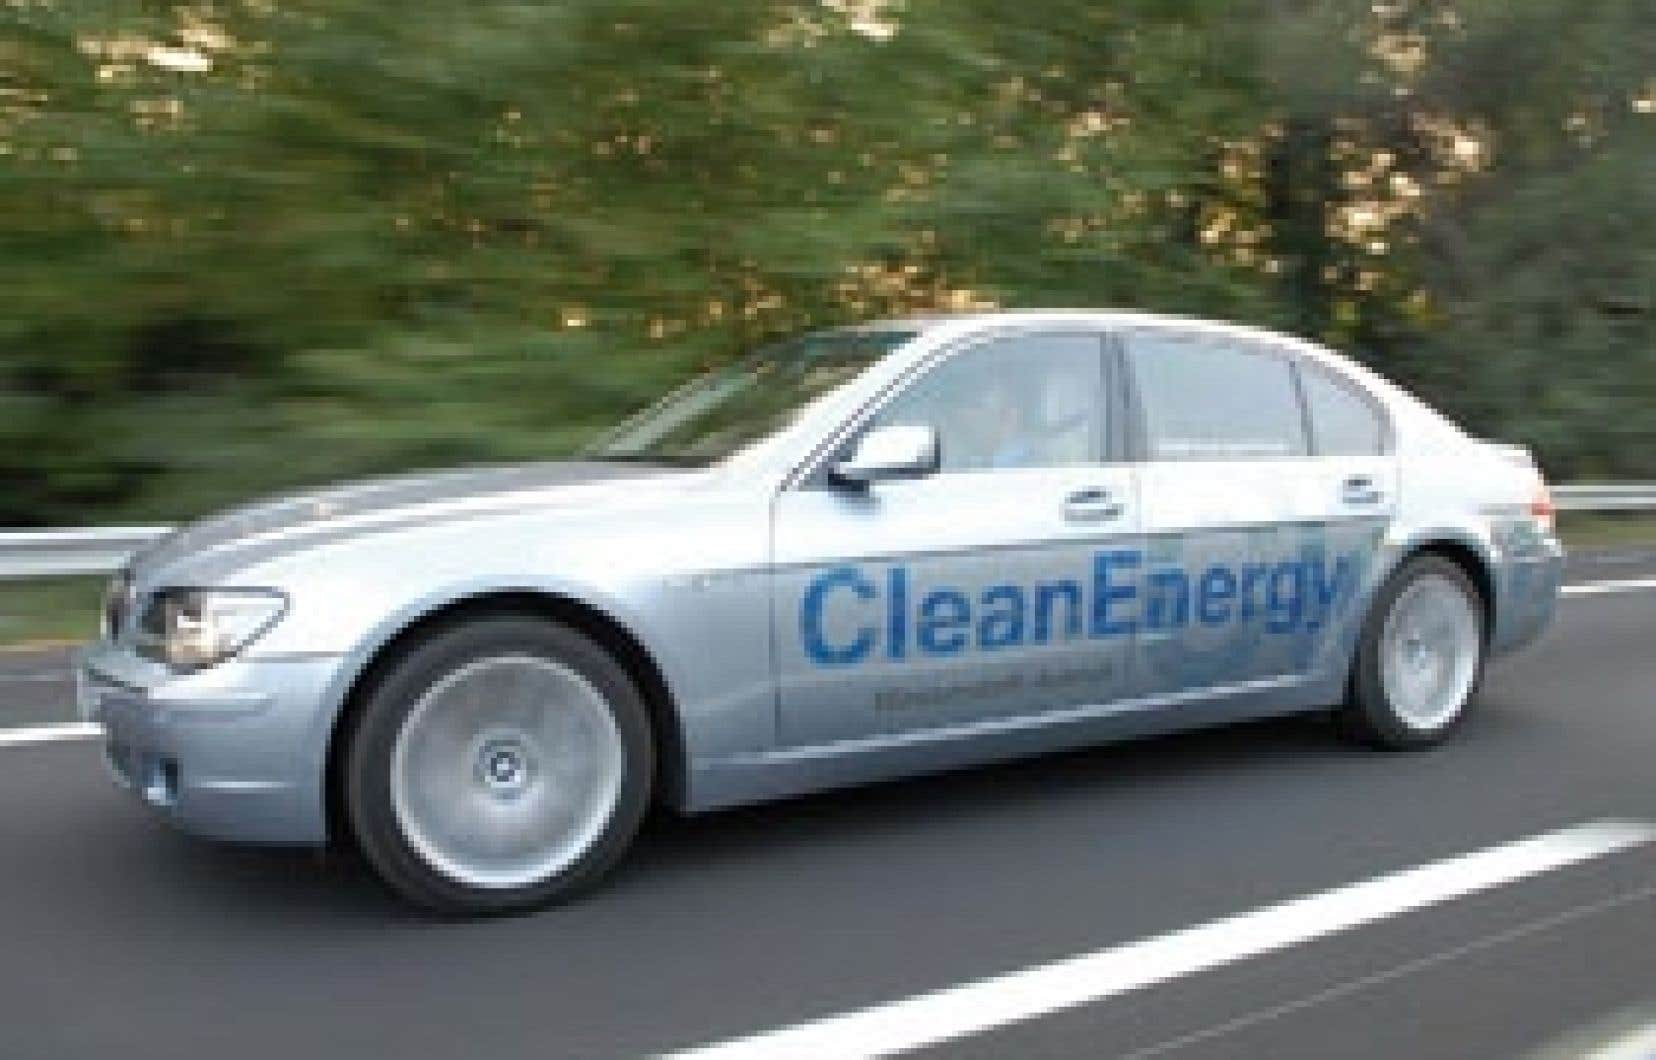 Quand vint le temps de concevoir des voitures écologiques, il n'était pas question de toucher au moteur à piston, qui fait l'essence des voitures BMW, pour le remplacer par un moteur électrique.